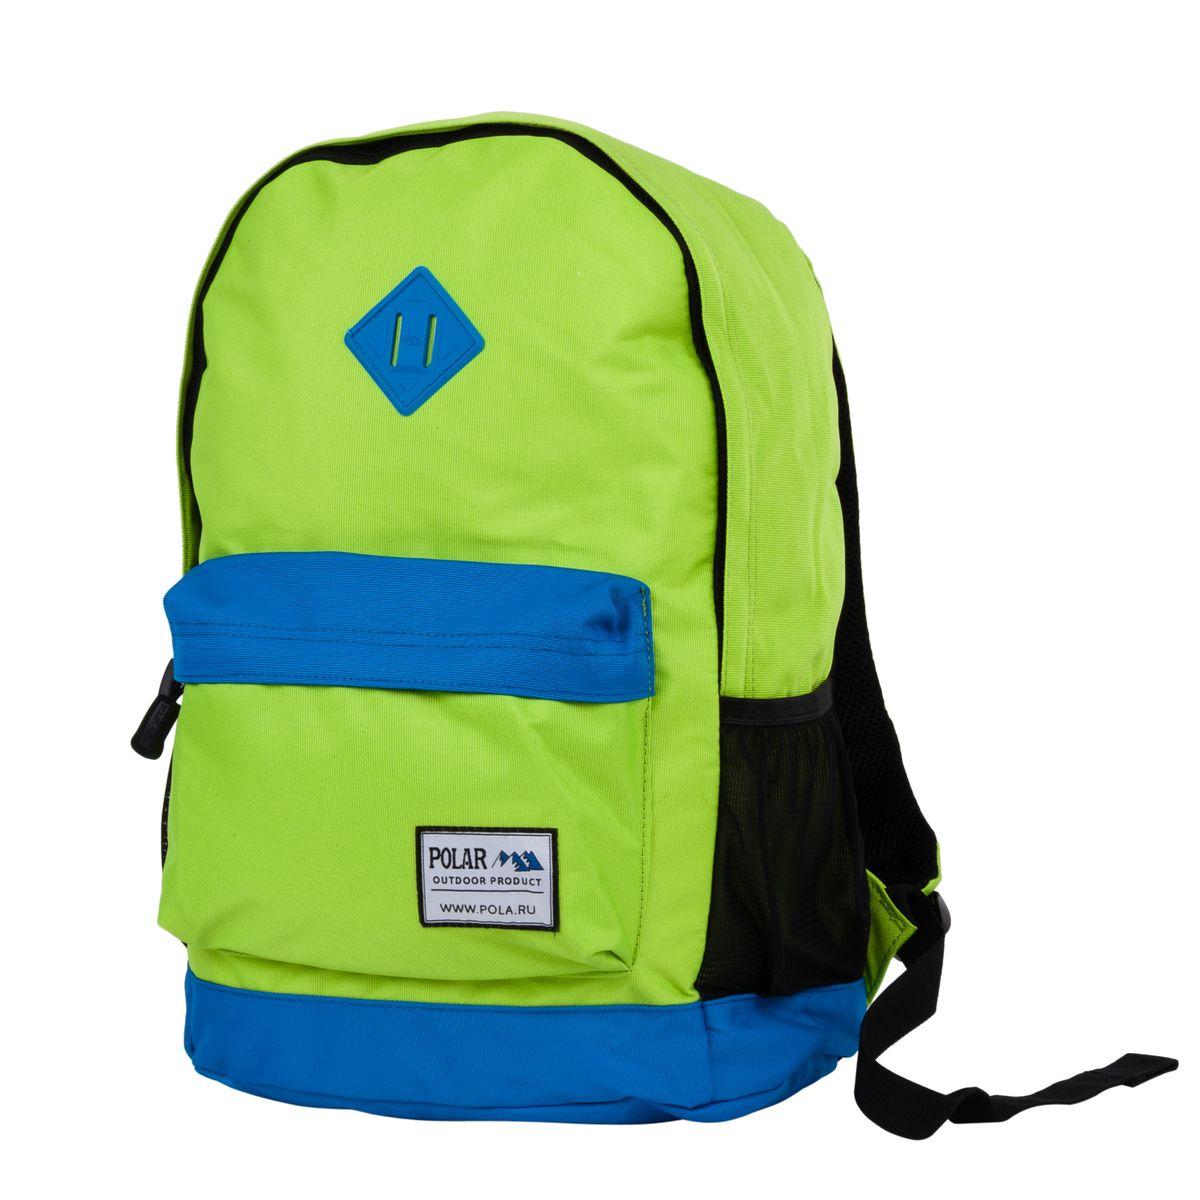 Рюкзак городской Polar, 22,5 л, цвет: зеленый, синий. 1500815008Вместительный городской рюкзак фирмы Polar имеет мягкую поролоновую спинку и мягкие лямки. Рюкзак имеет одно отделение, которое закрывается на молнию. Внутри карман на молнии и отделение под планшет или ноутбук до 14. Спереди объемный карман для небольших предметов. По бокам два кармана из сетчатого материала на резинке.